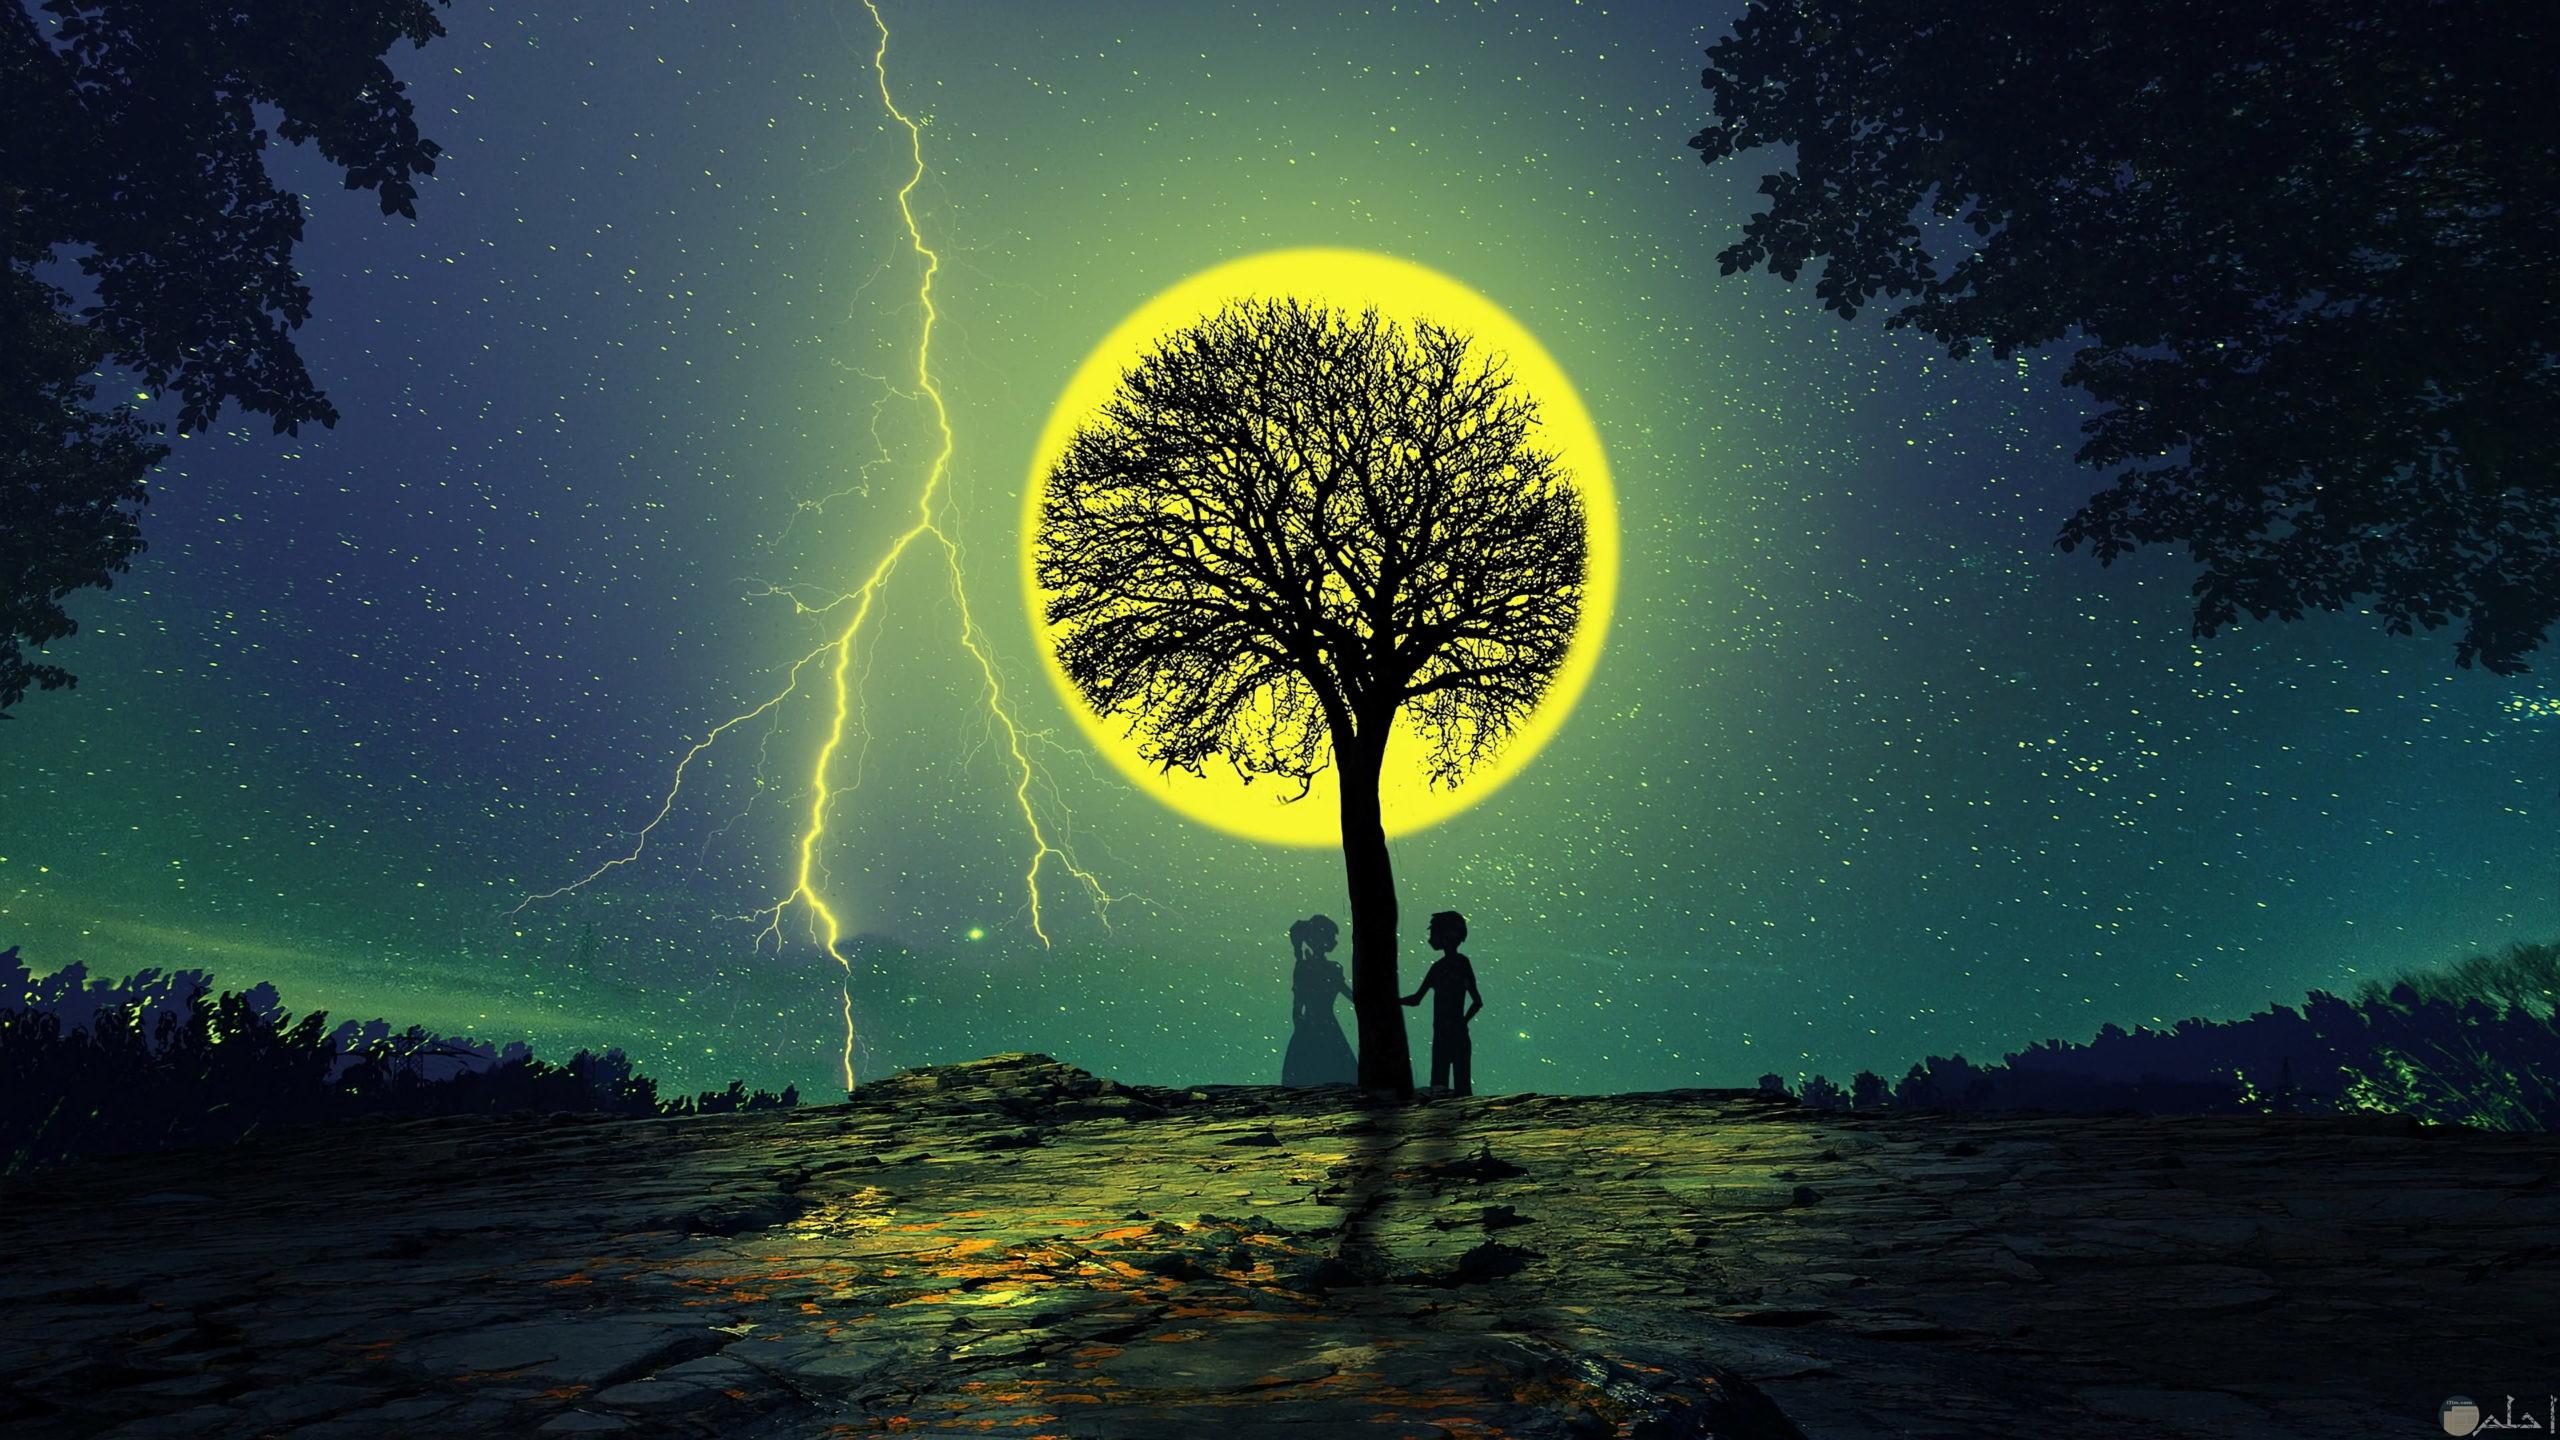 الحب طاقة لا نهاية لها مادام الحب متبادل.